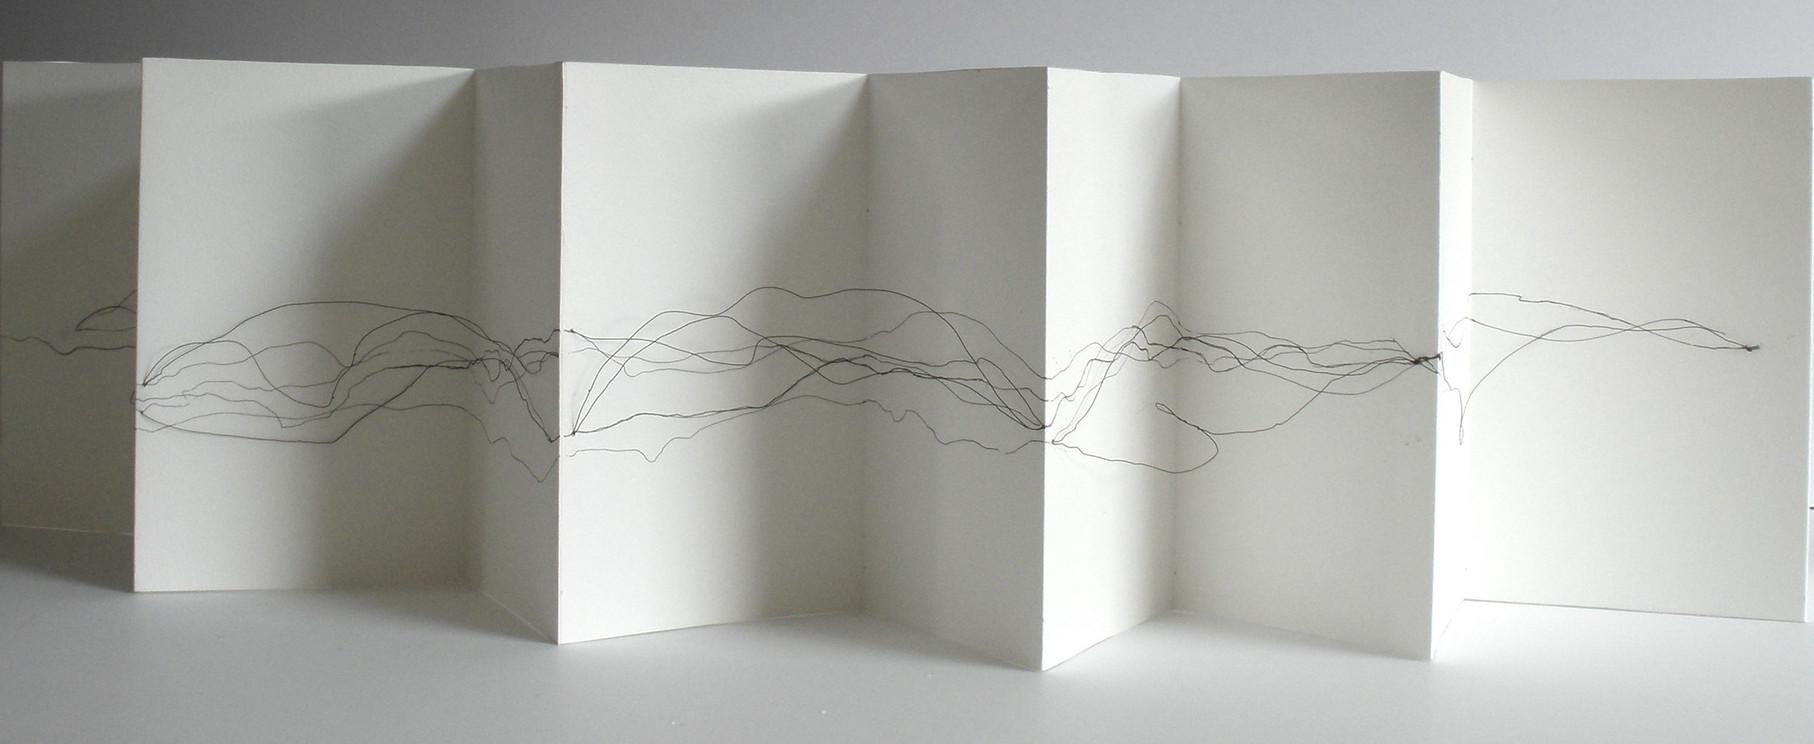 Dibujos en el aire, 2010